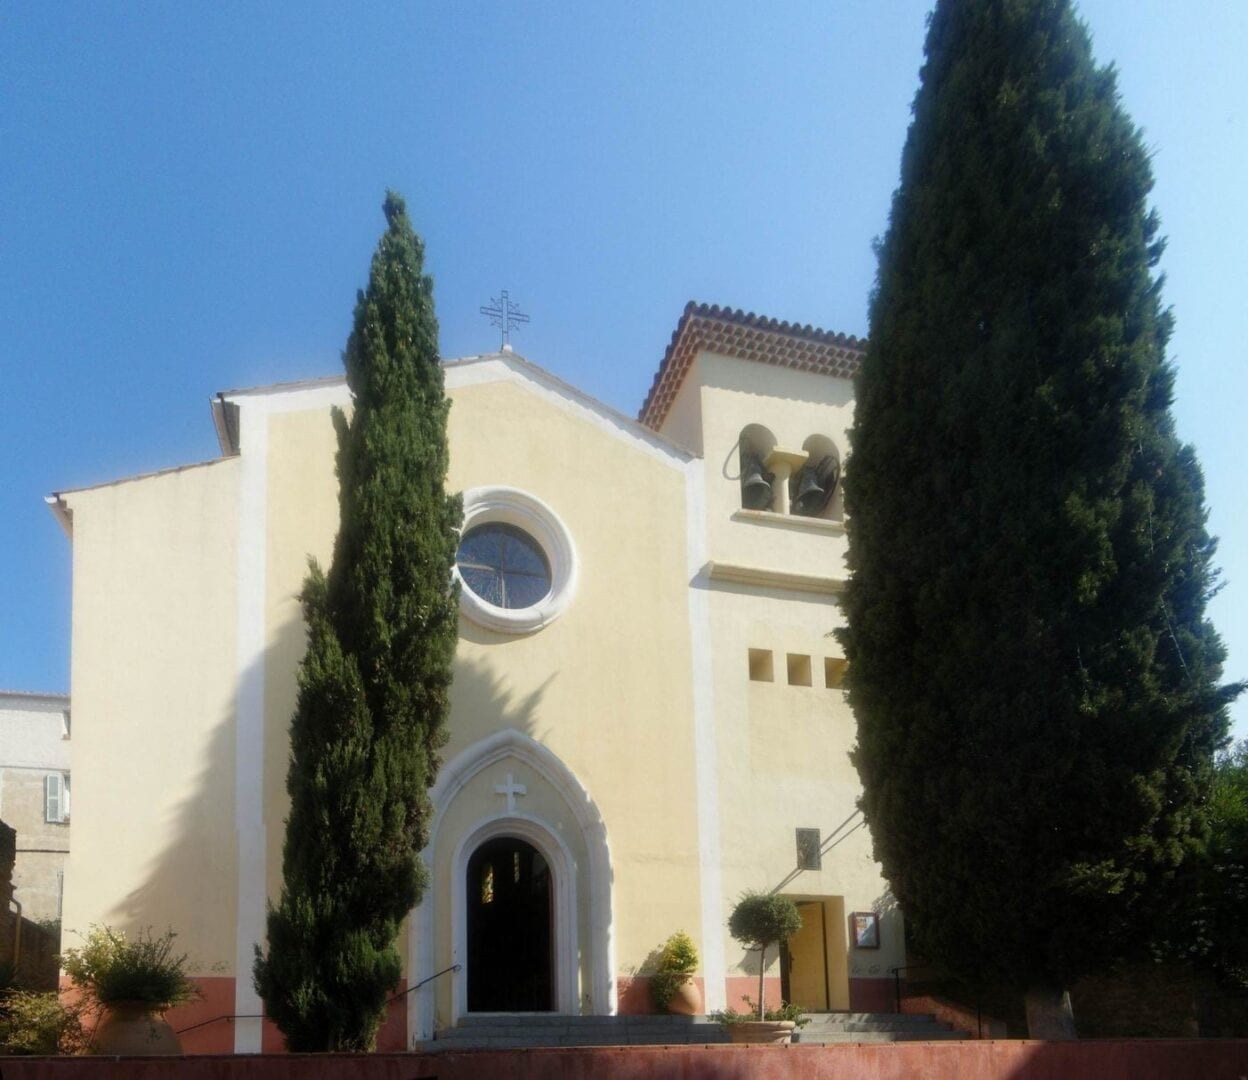 Le Lavandou - Iglesia de Saint-Louis Le Lavandou Francia